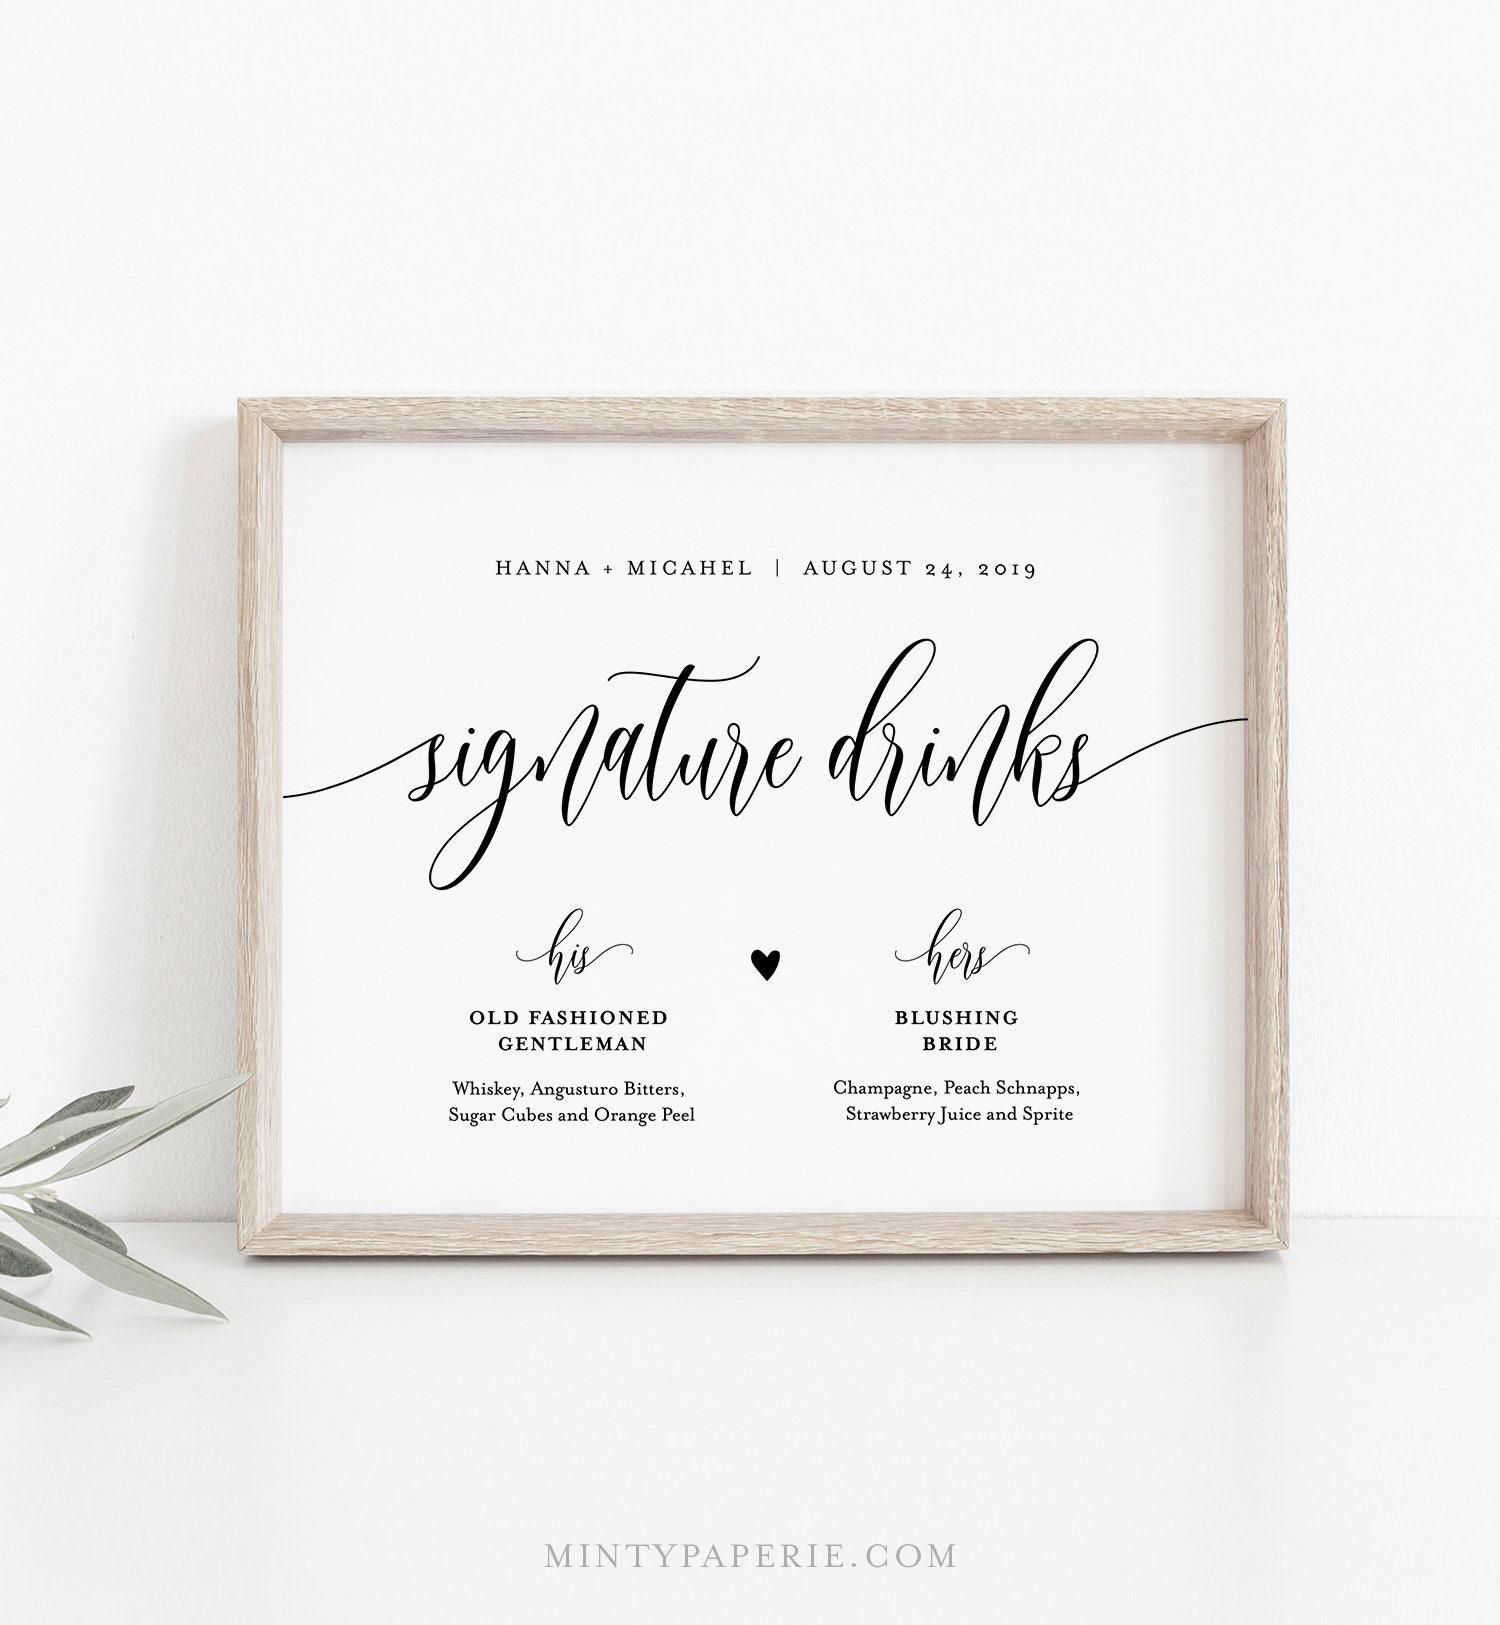 Wedding Signature Drinks.Wedding Signature Drinks Sign Editable Template Printable